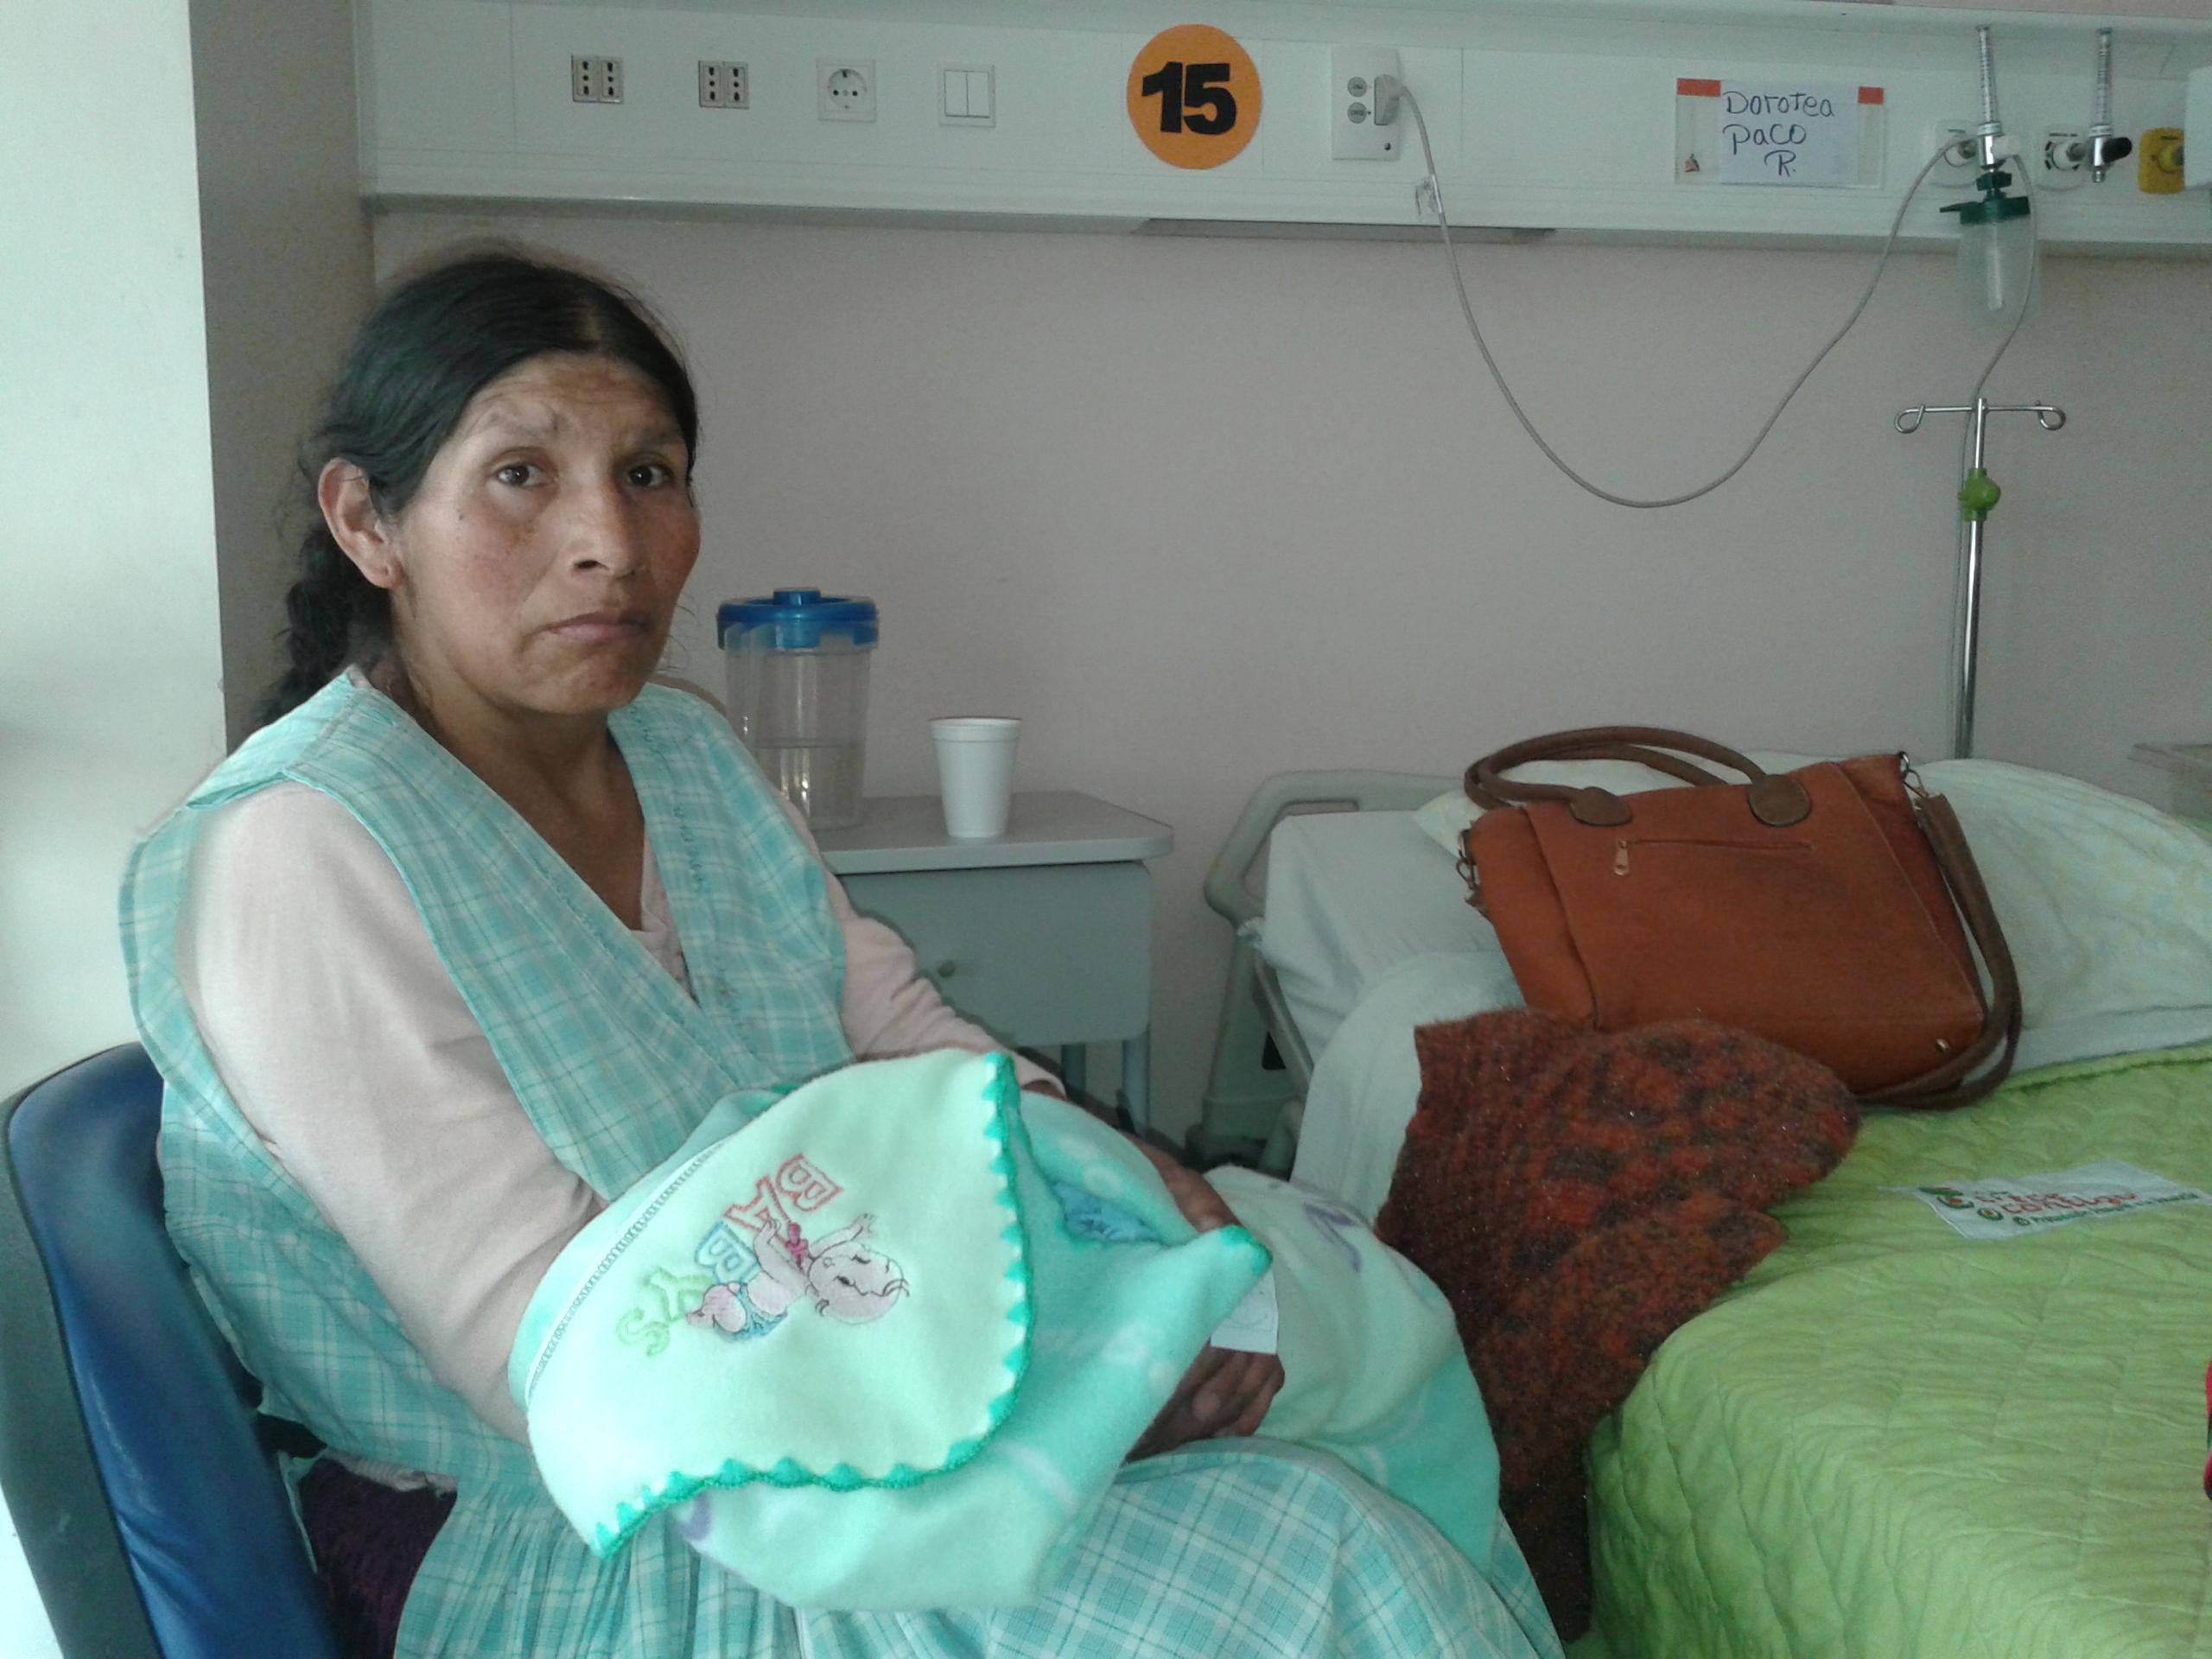 Investigarán hospital en Arica que retuvo durante cinco días a boliviana que dio a luz en el recinto